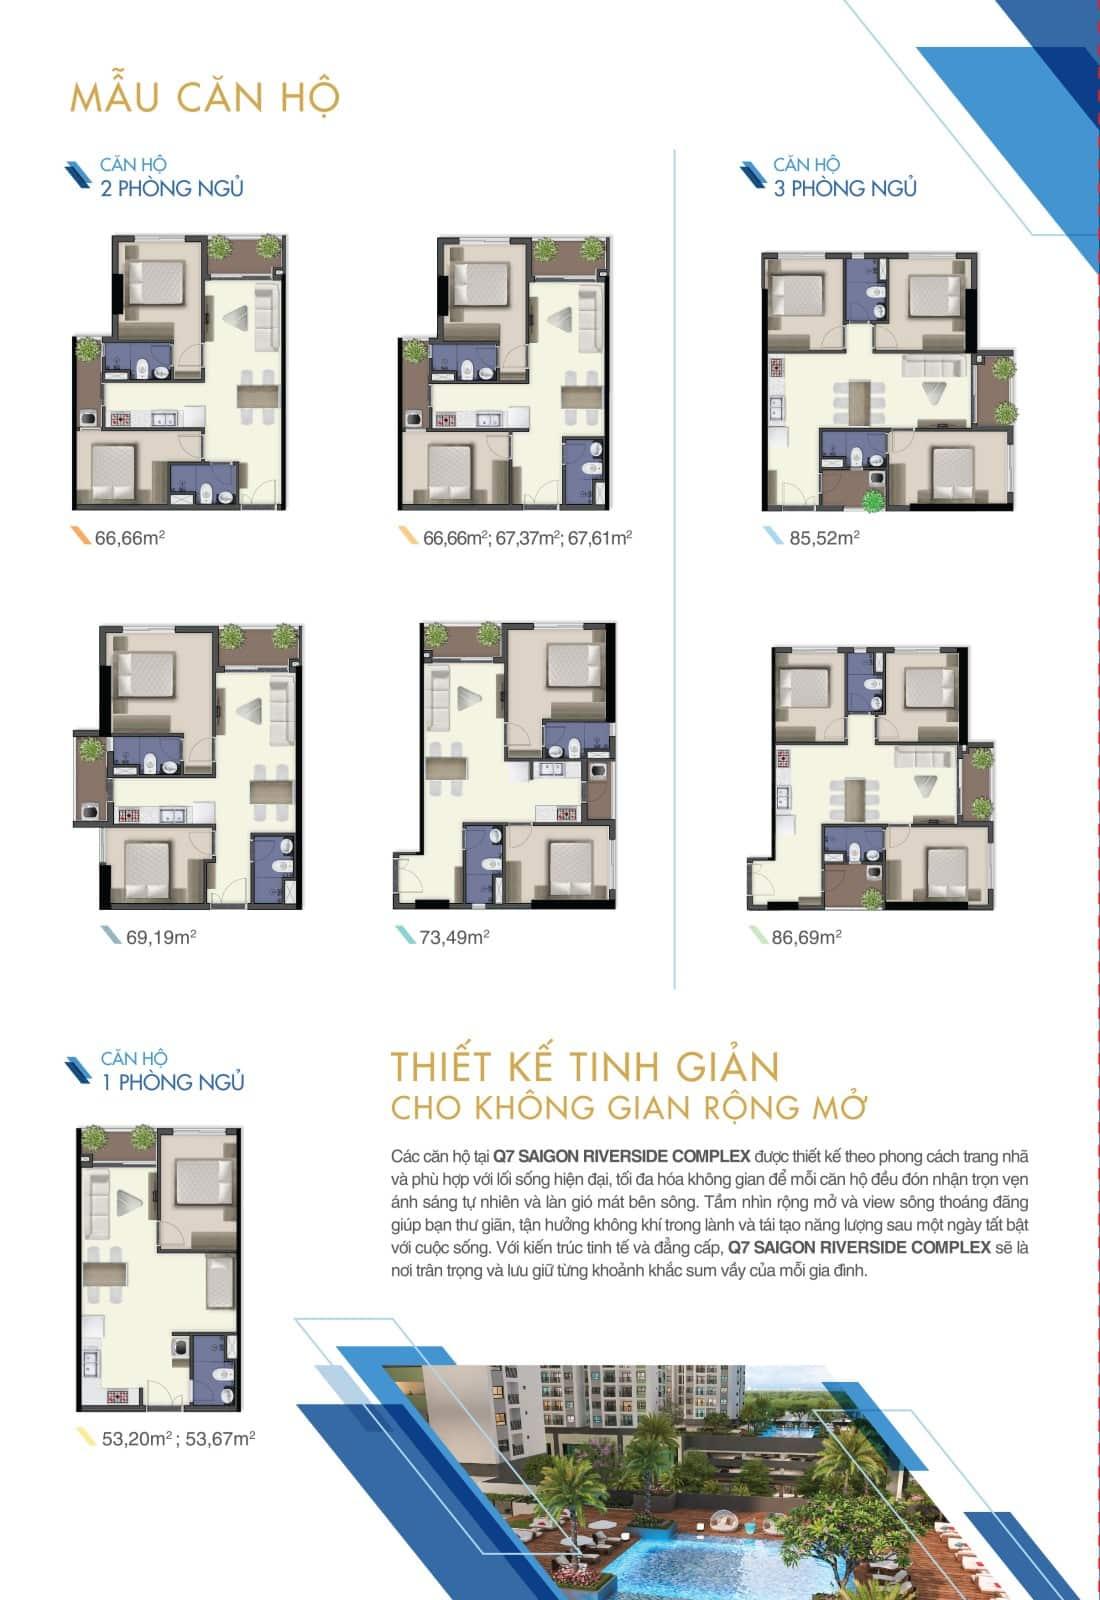 Thiết kế căn hộ Q7 Saigon Riverside Complex